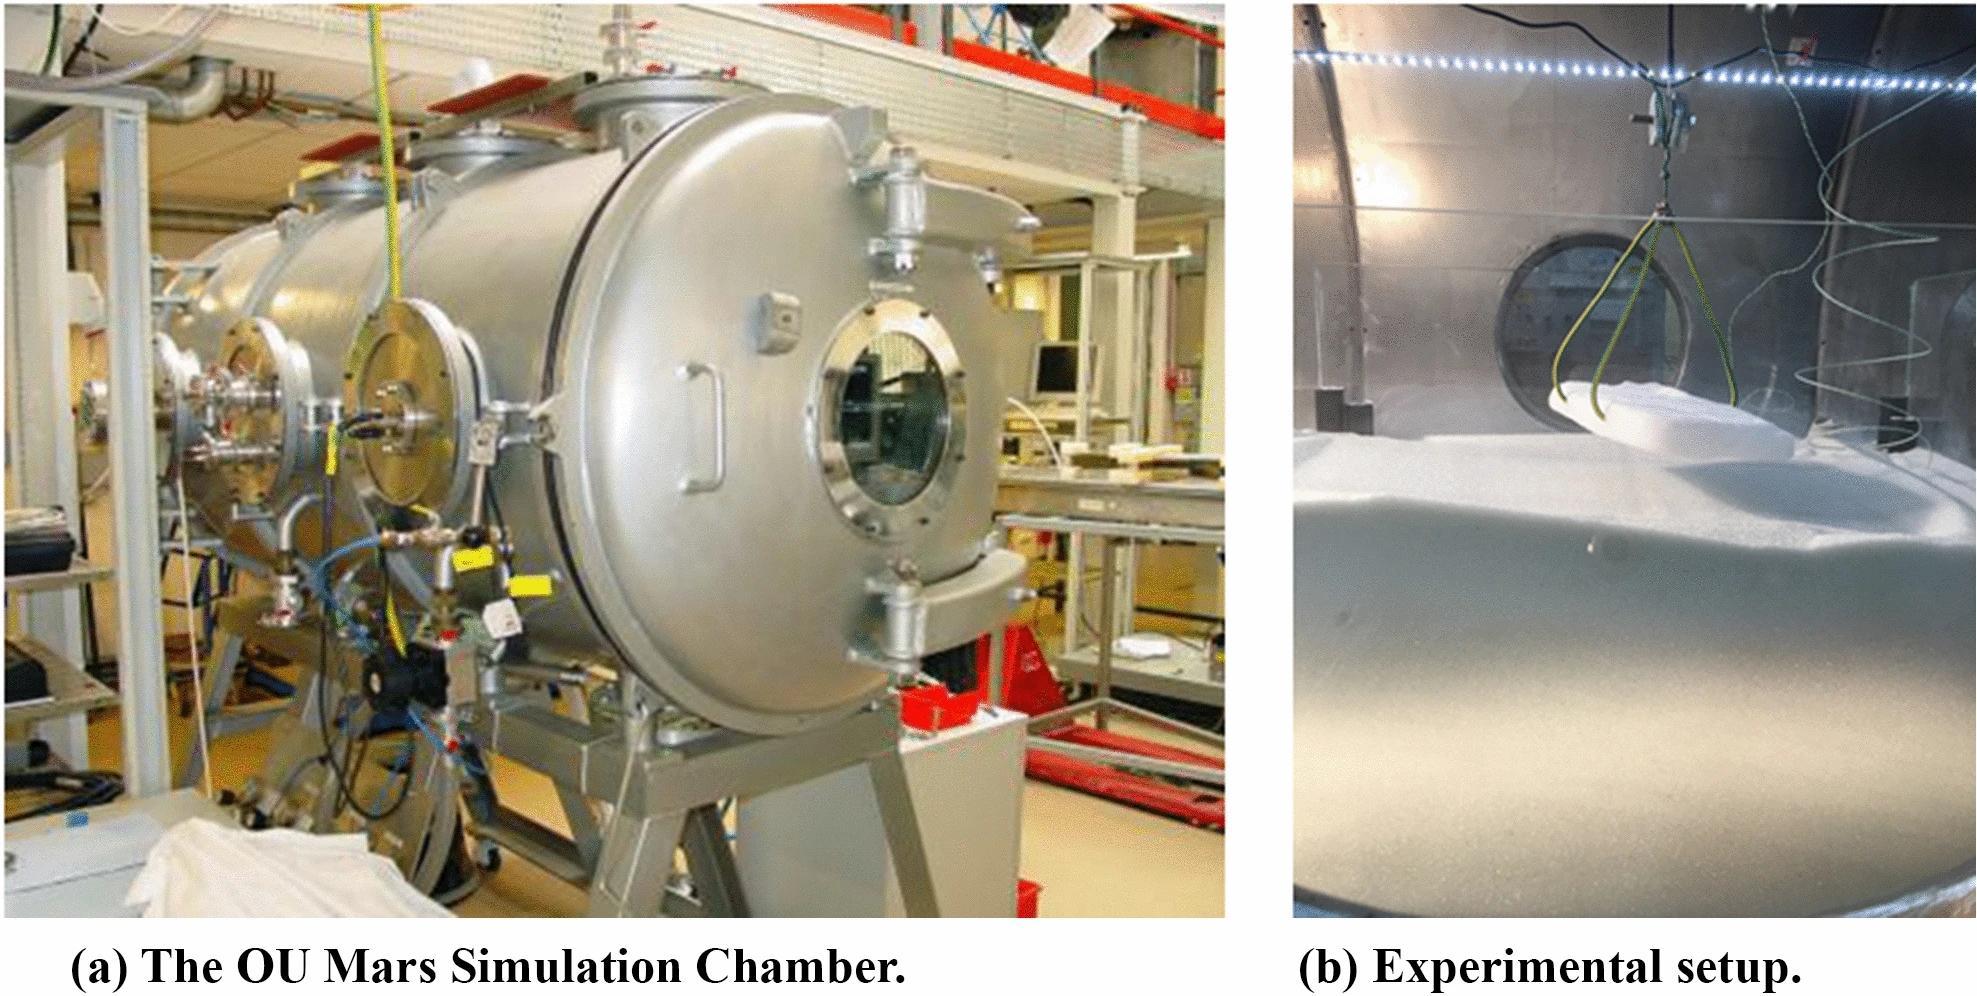 Араниеформы воспроизвели в лаборатории, подтвердив гипотезу о природе загадочных формирований на Марсе